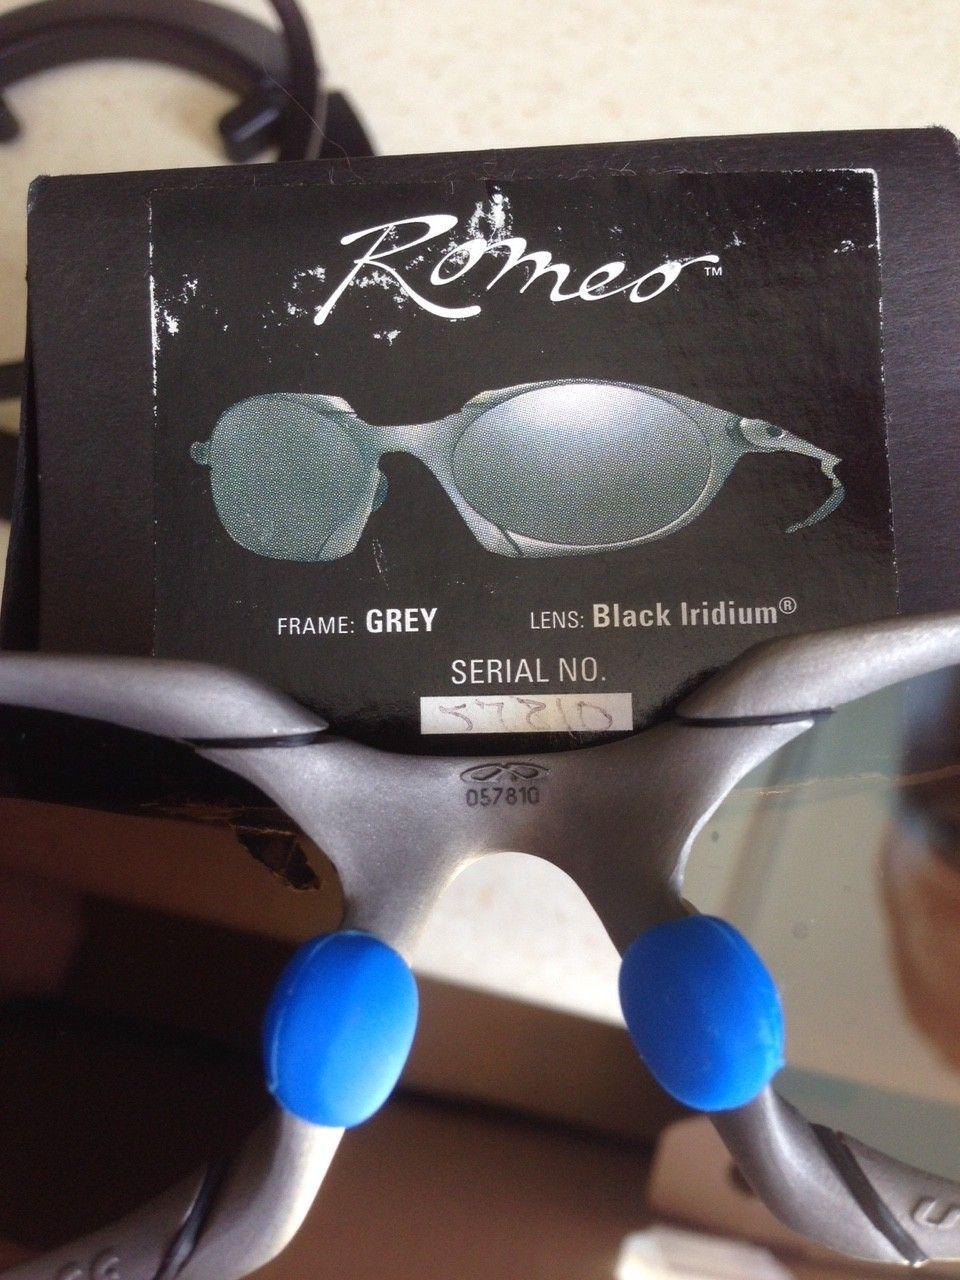 Romeo 1 X-Metal / Black Iridium with # Matching Box & Coin *Price Lowered*!!! - IMG_7695.JPG